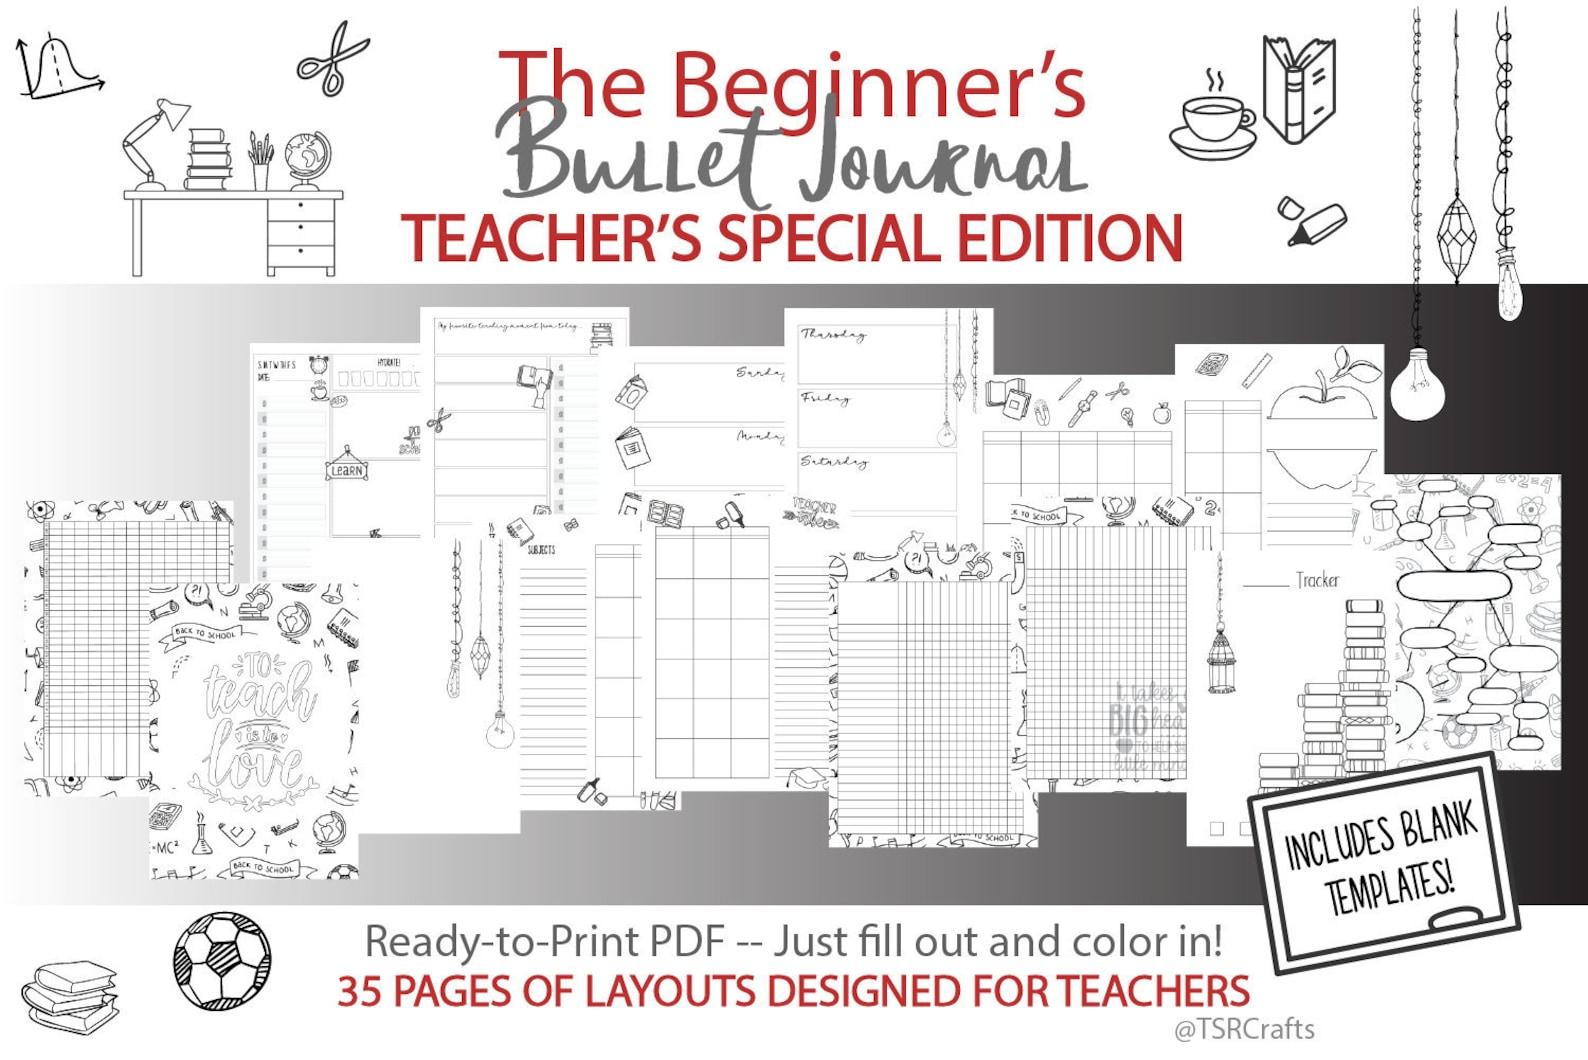 Beginner's Bullet Journal For Teachers